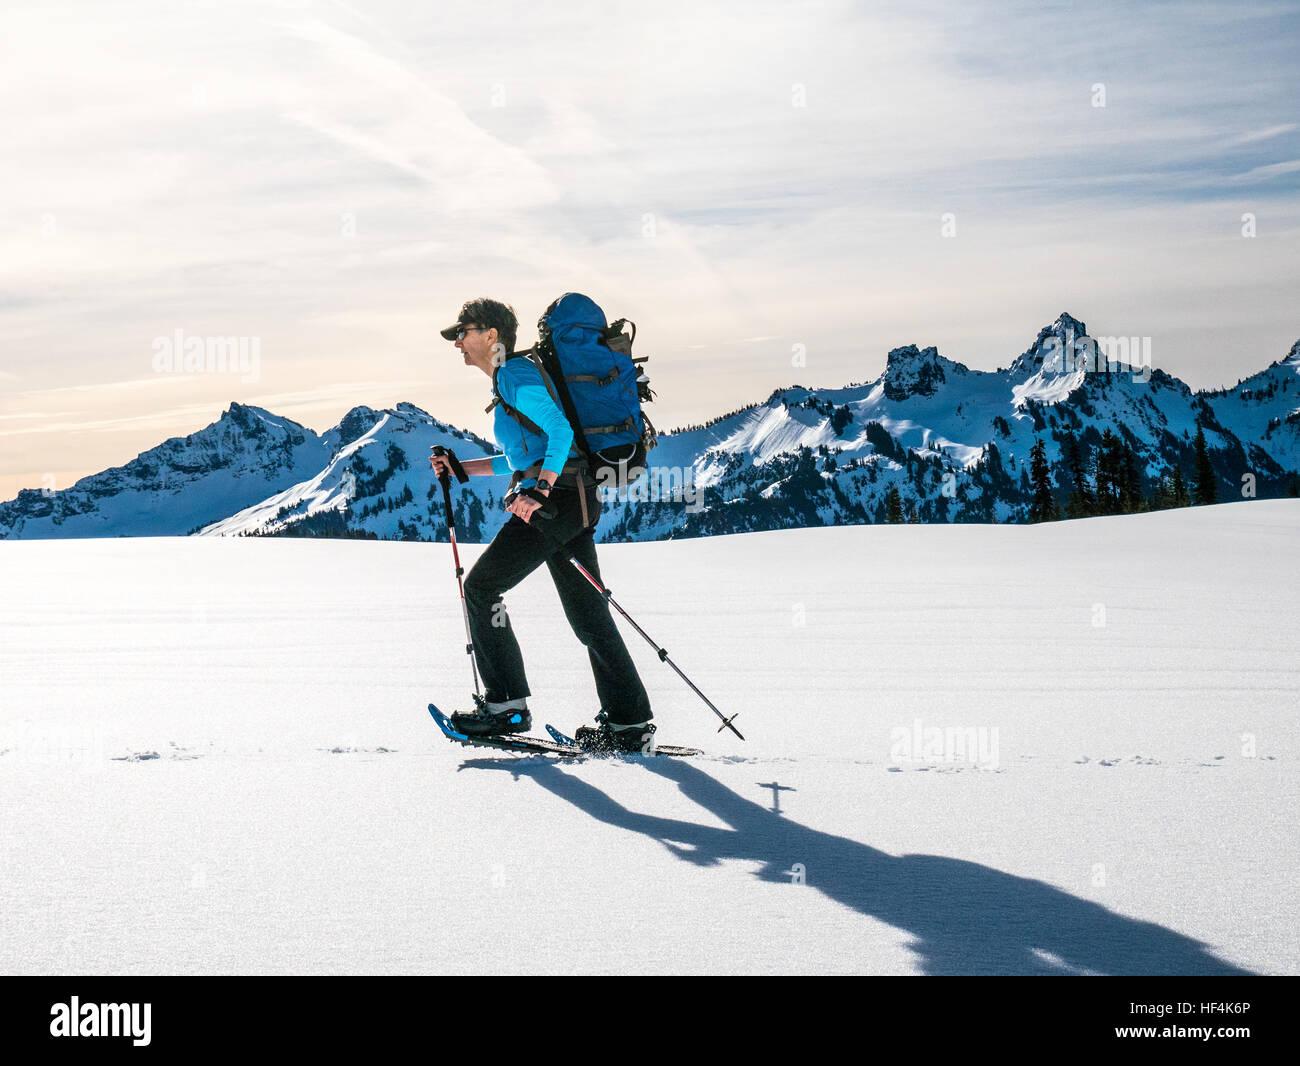 Une vieille femme en raquettes à neige dans le Nord de la chaîne des Cascades, l'État de Washington Photo Stock